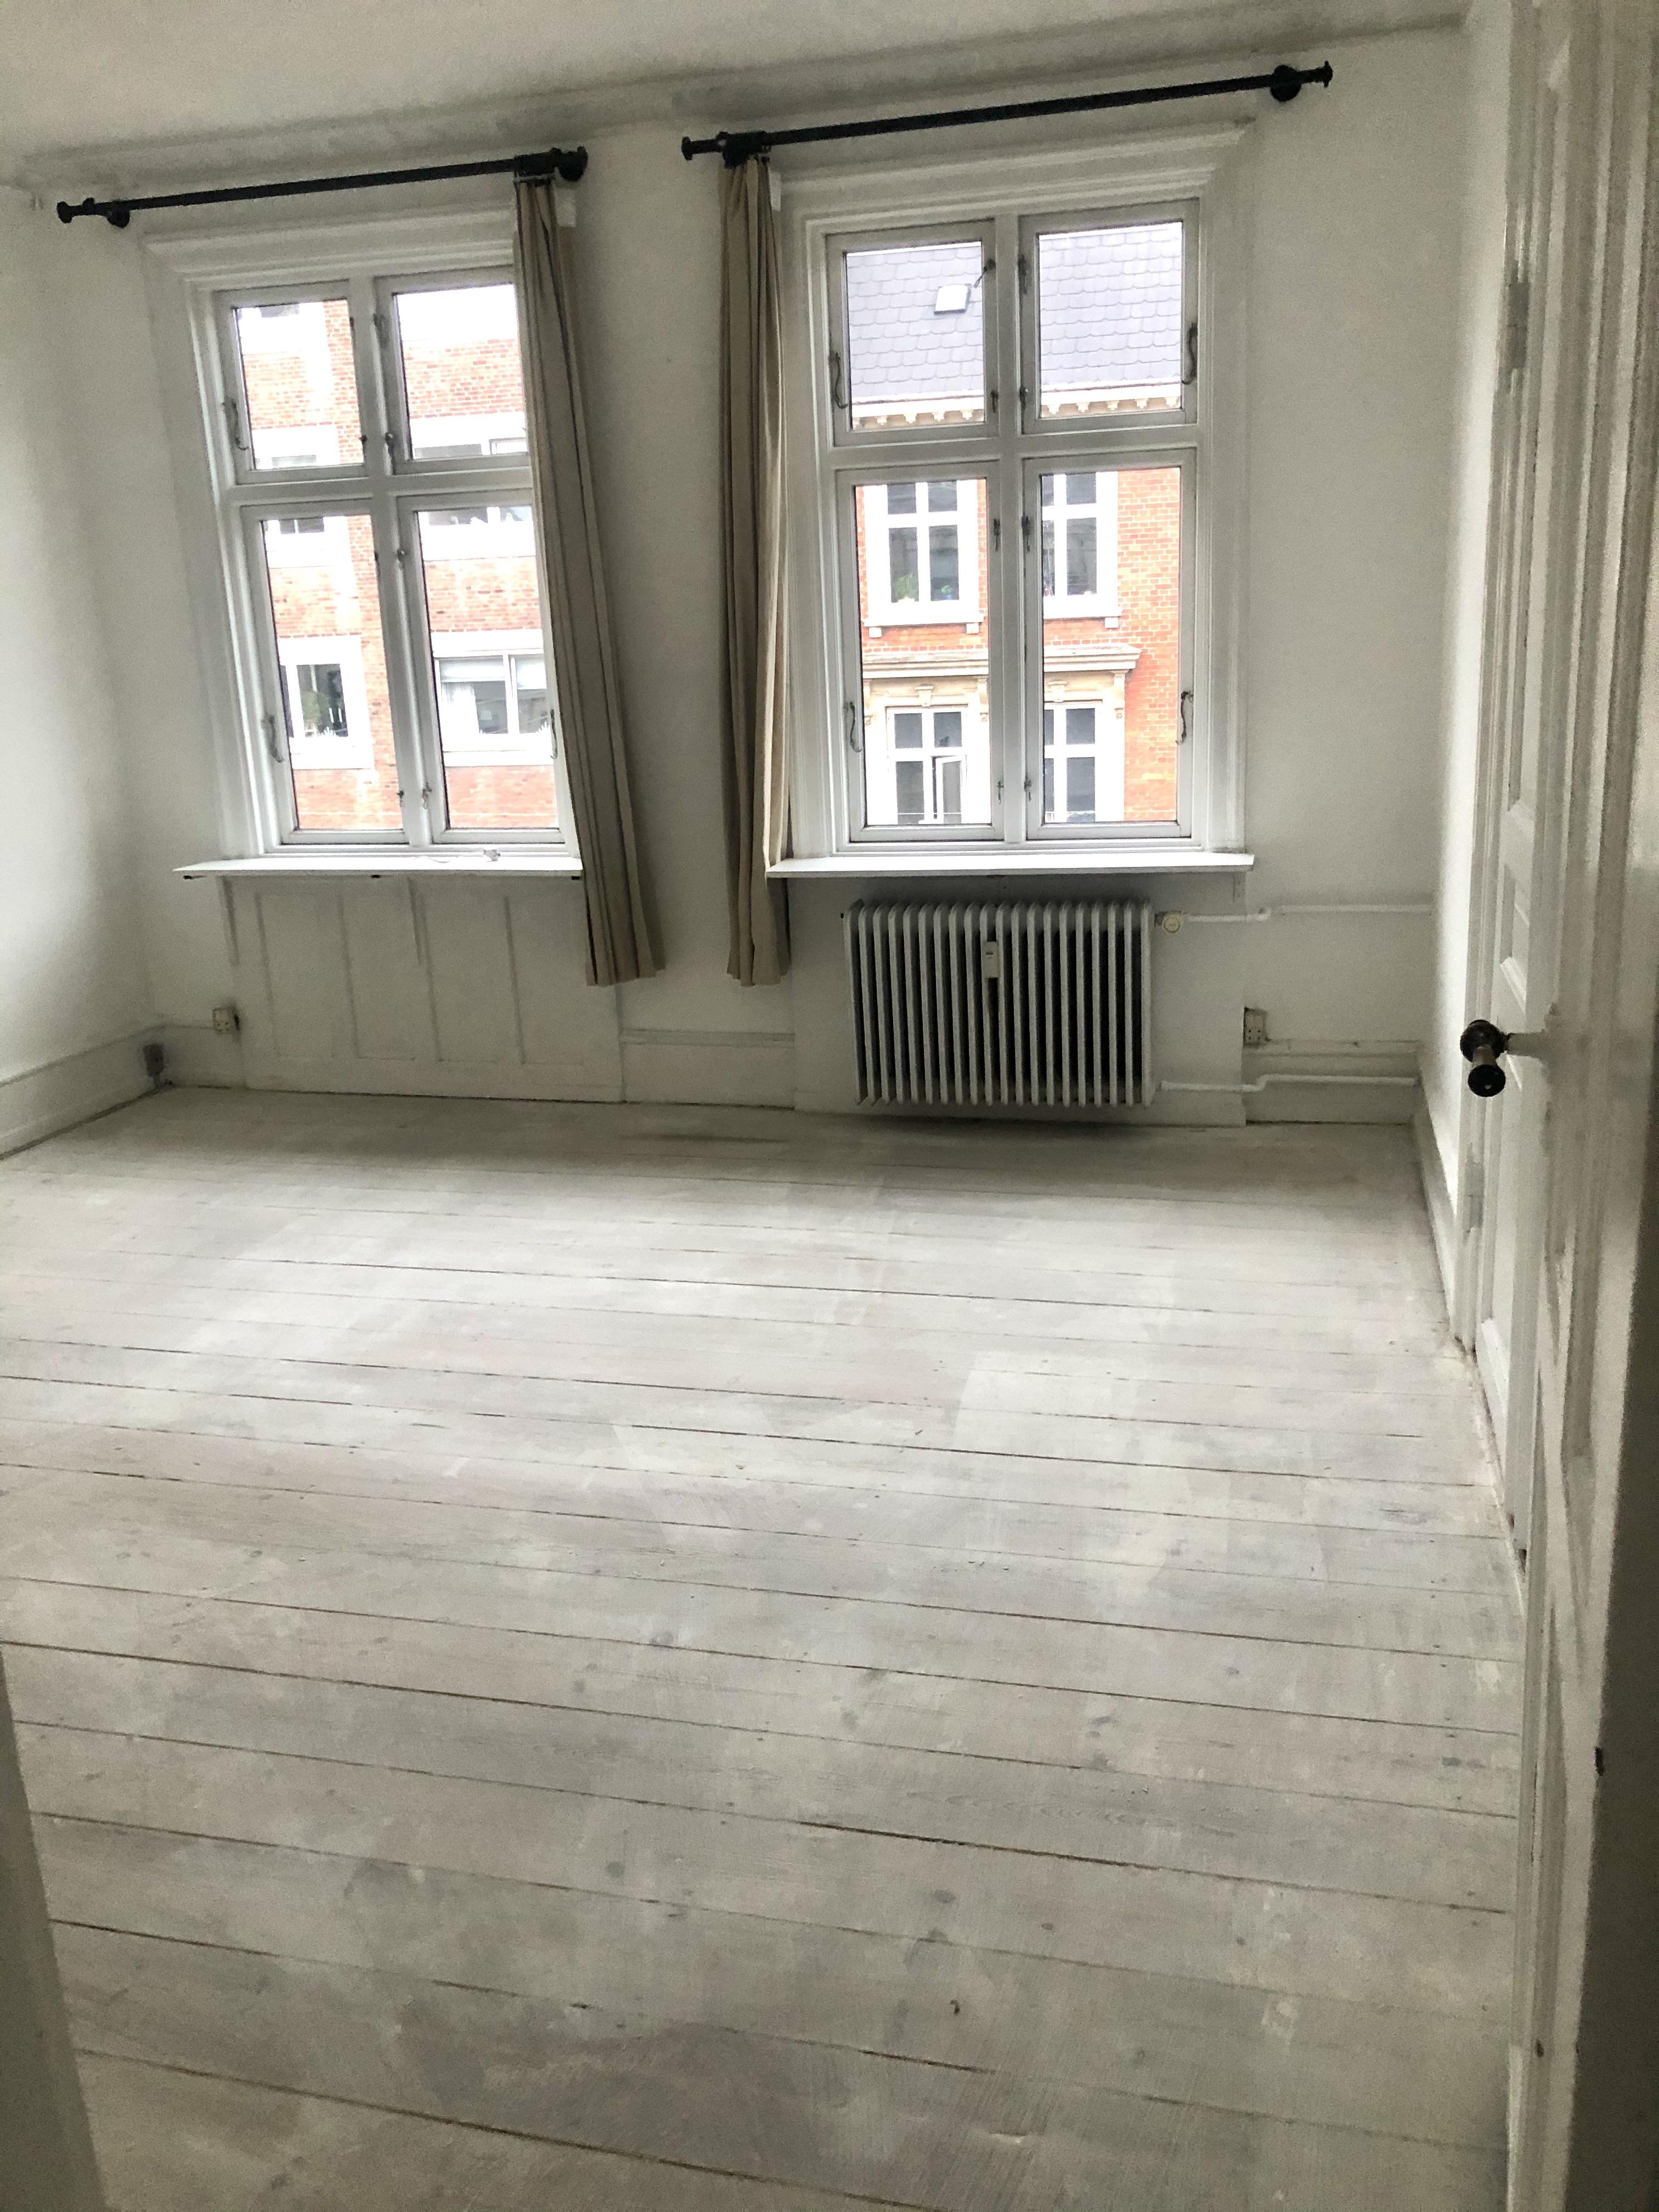 20 kvm. værelse udlejes på Amagerbrogade